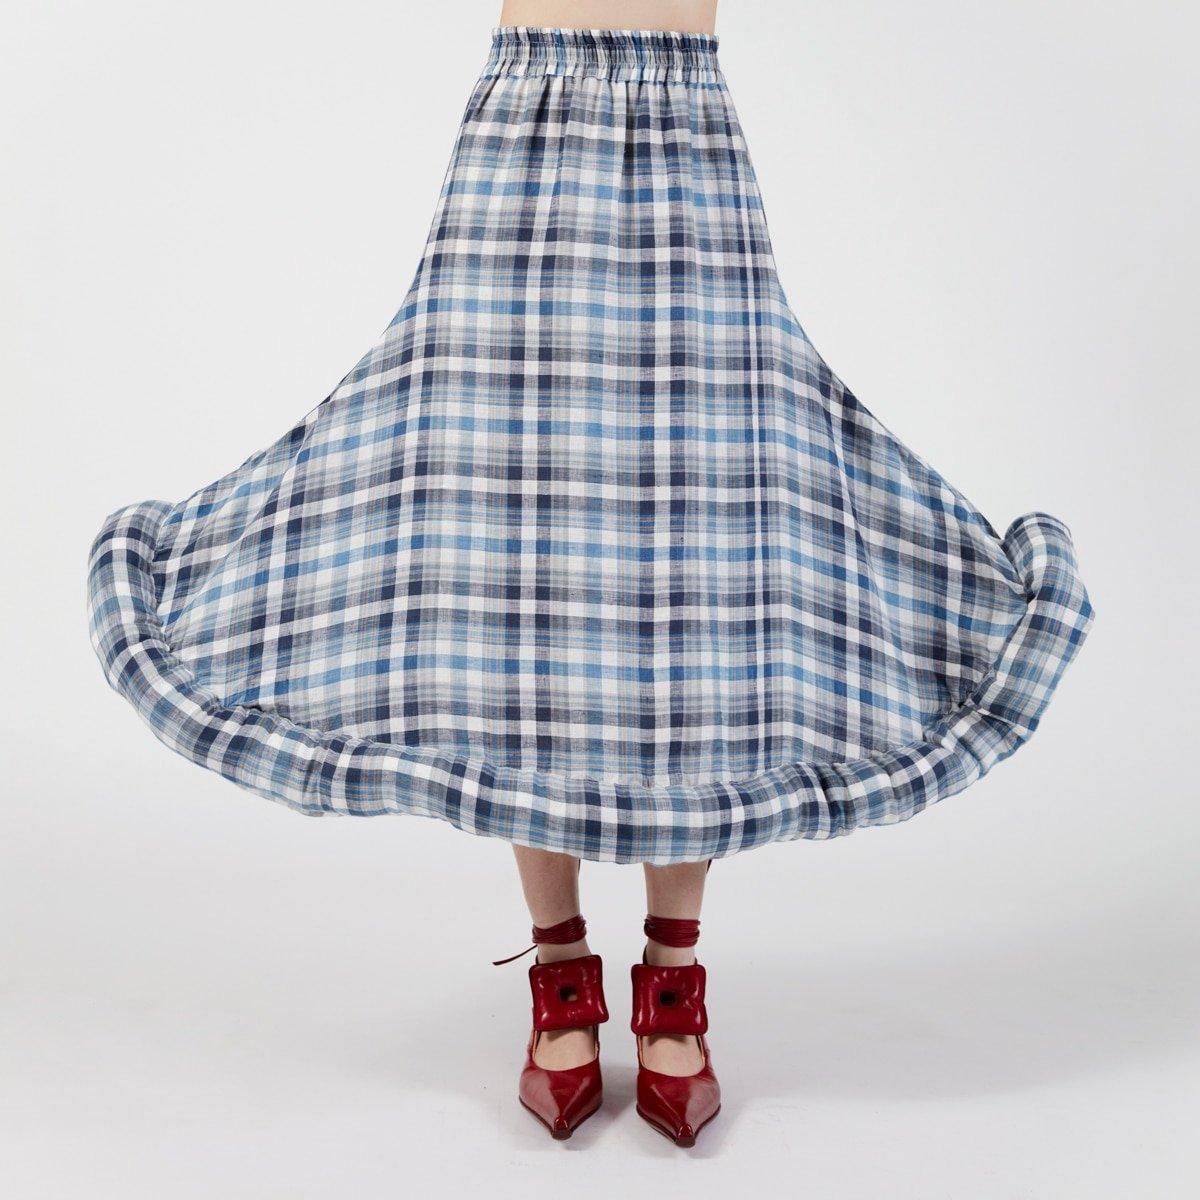 Jordan Dalah Studio Door Stopper Skirt